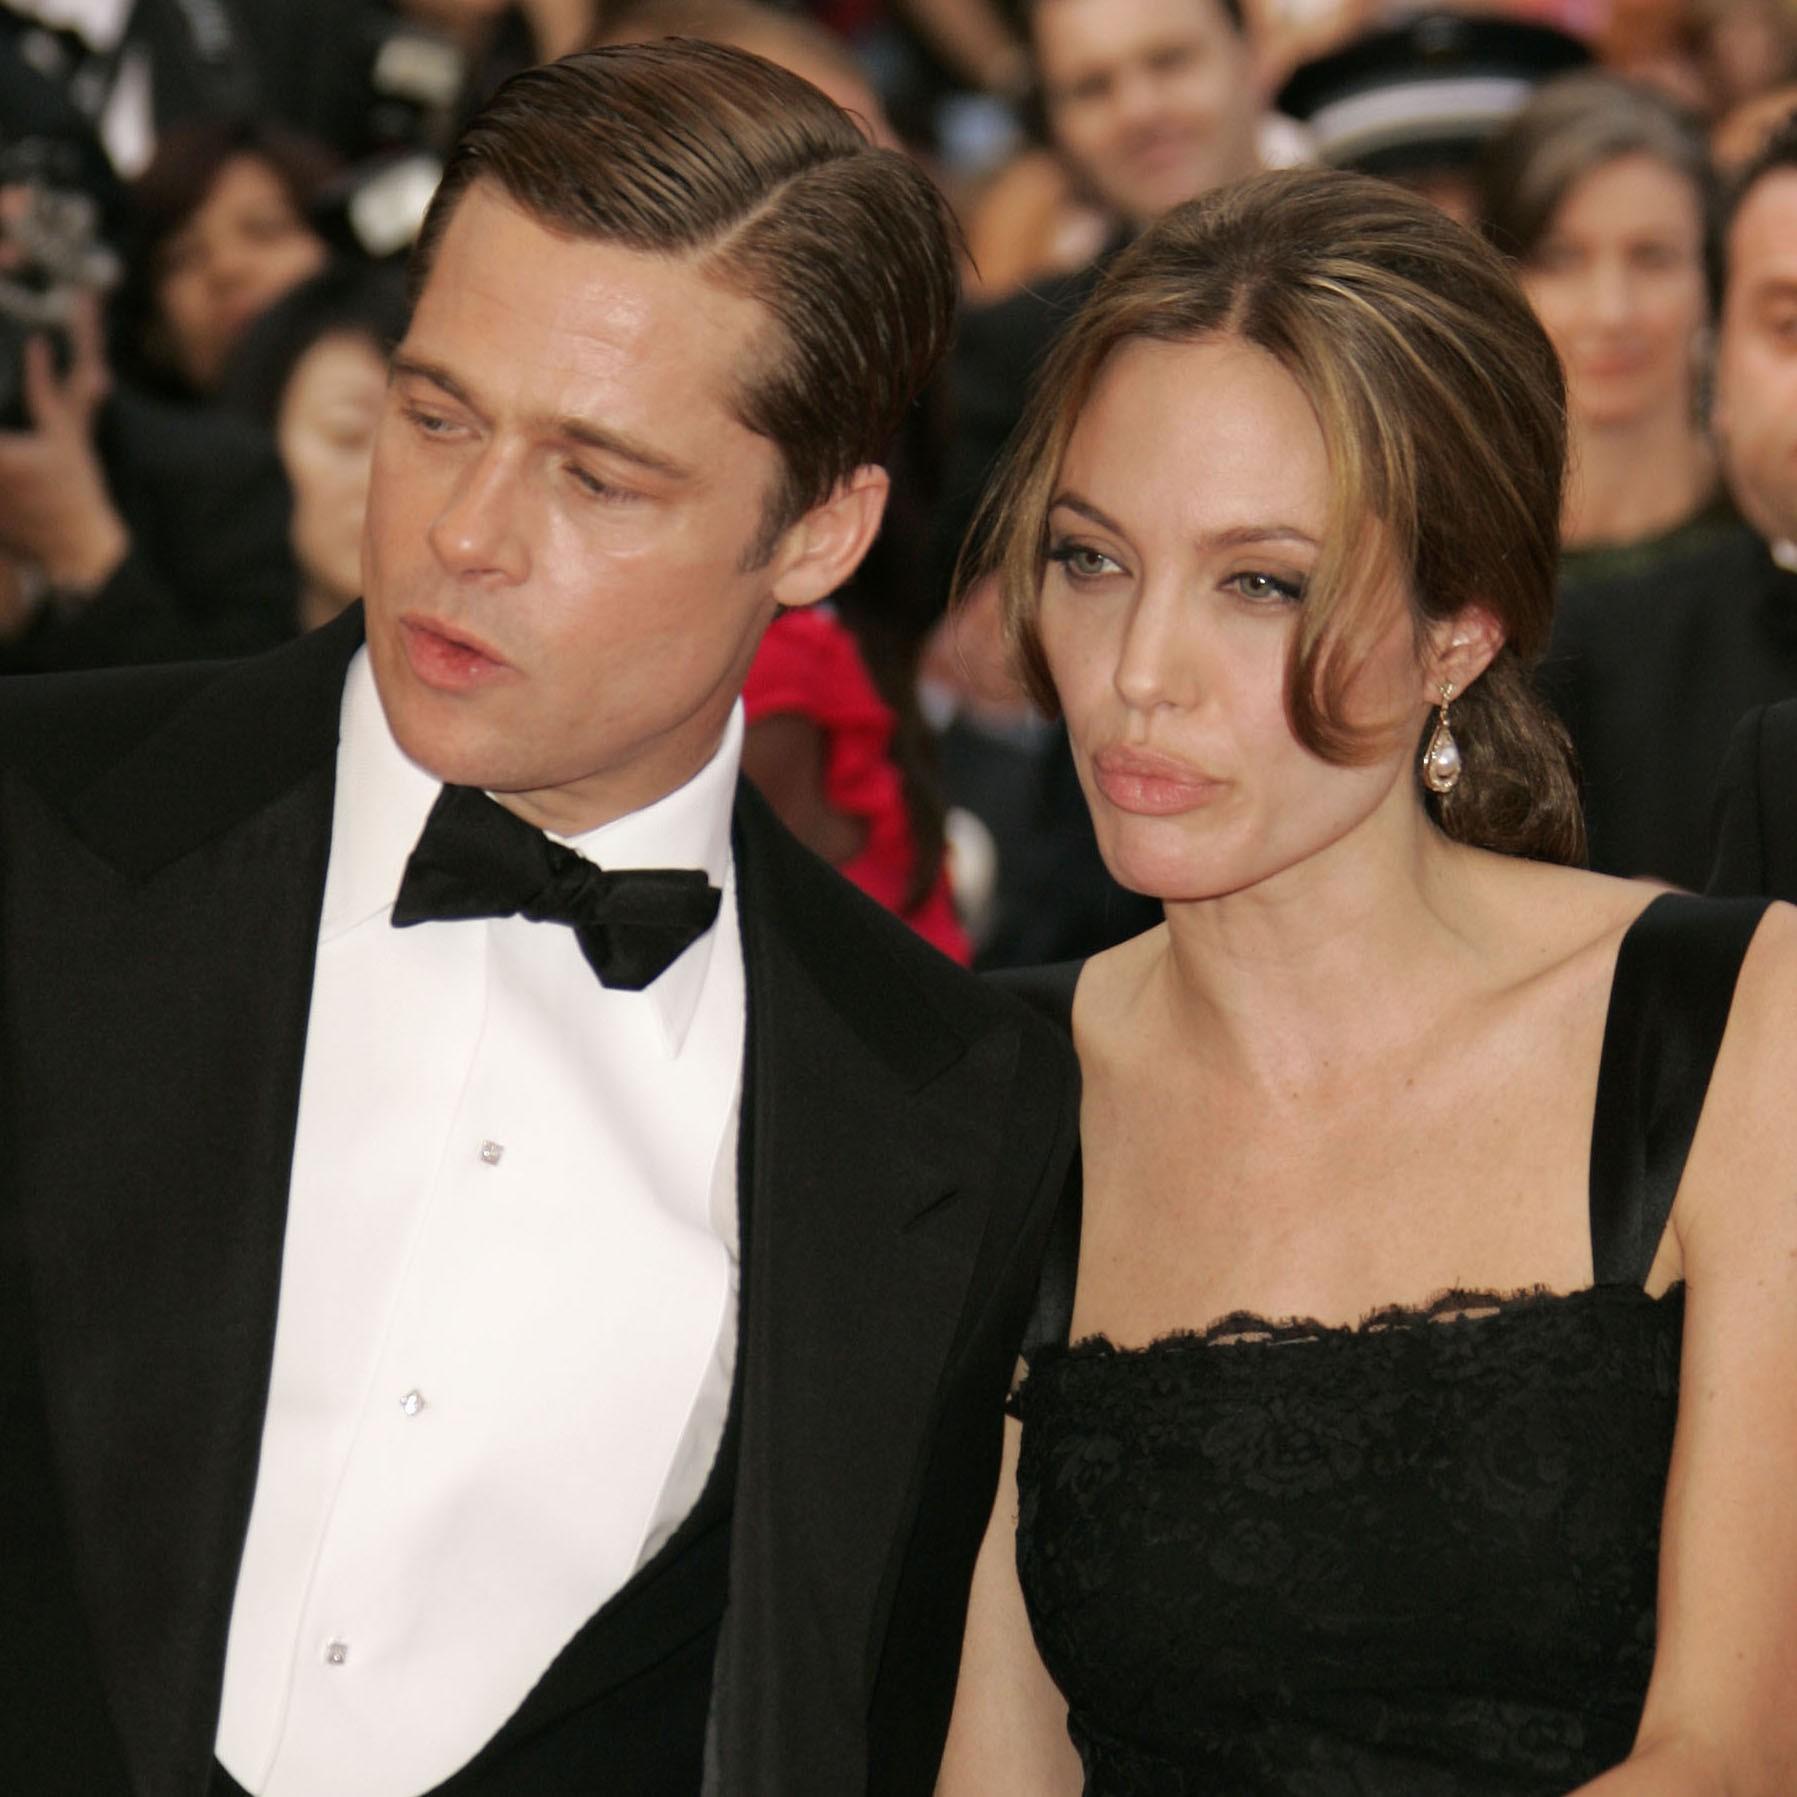 Brad Pitt không hối hận khi chia tay Angelina Jolie, cảm thấy cuộc chiến hậu ly hôn giống như địa ngục - Ảnh 1.